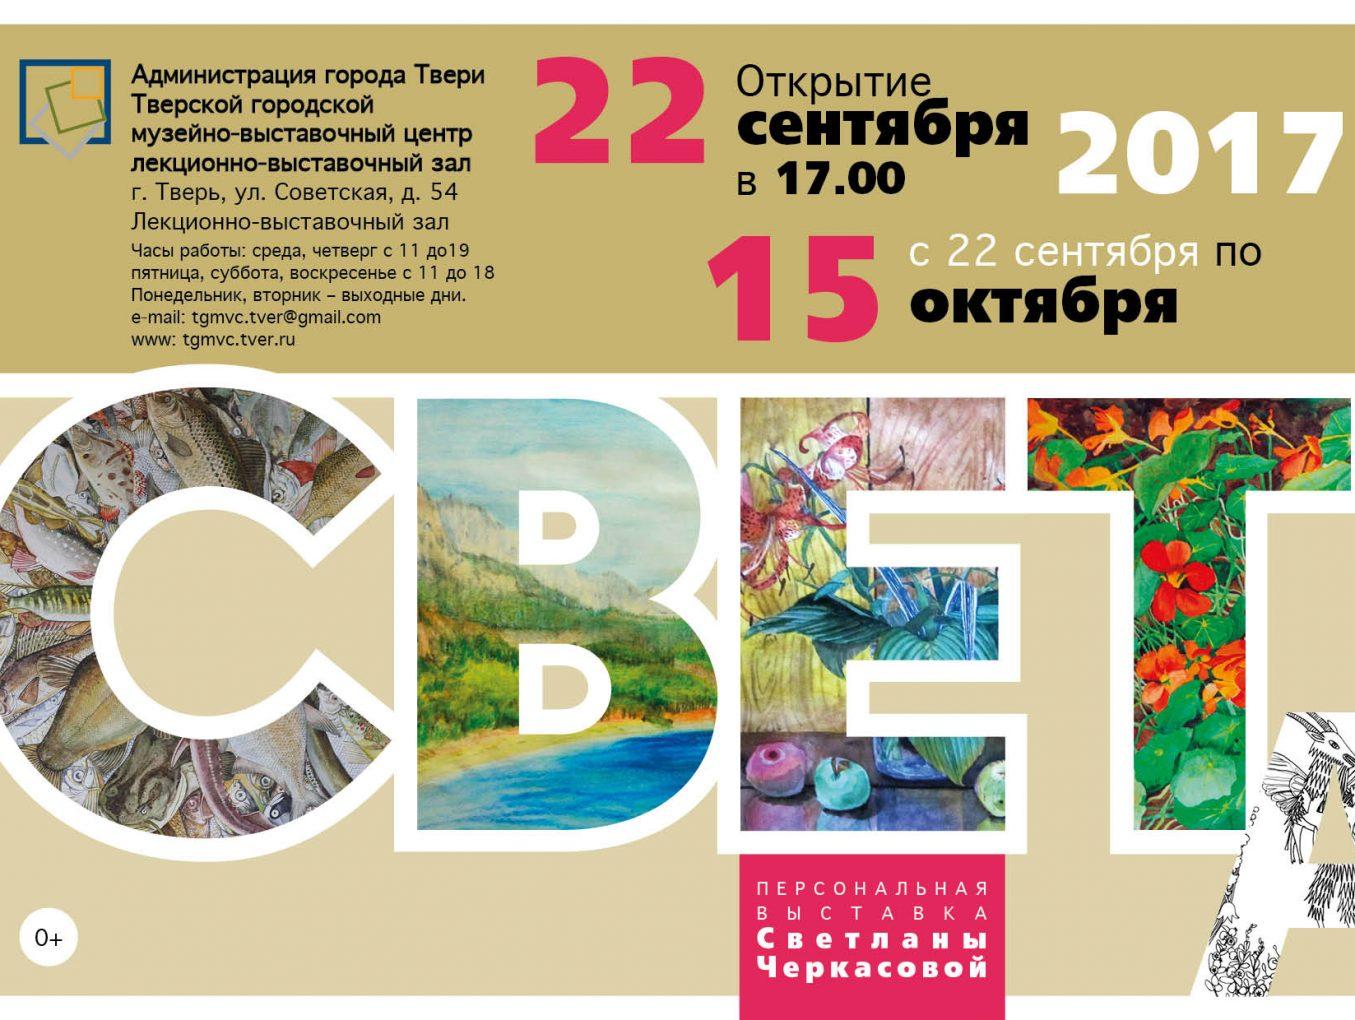 Художественная выставка Светланы Черкасовой «СВЕТа» (живопись, графика, декоративное искусство) | 22 сентября - 15 октября